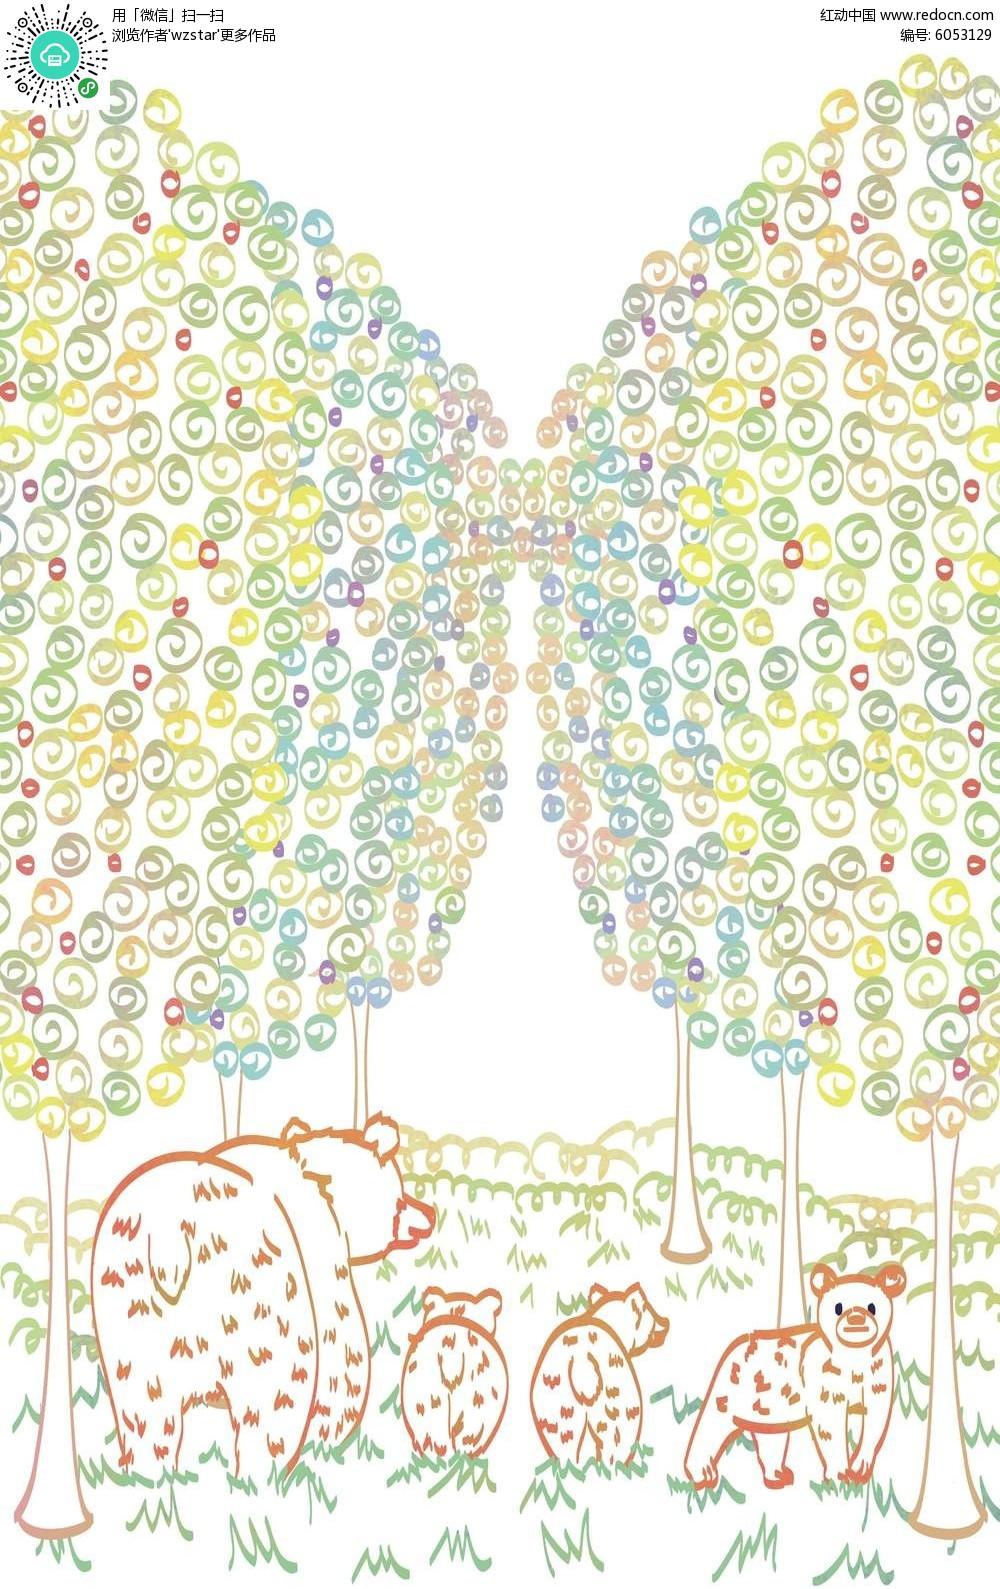 图案森林卡通背景素材图片